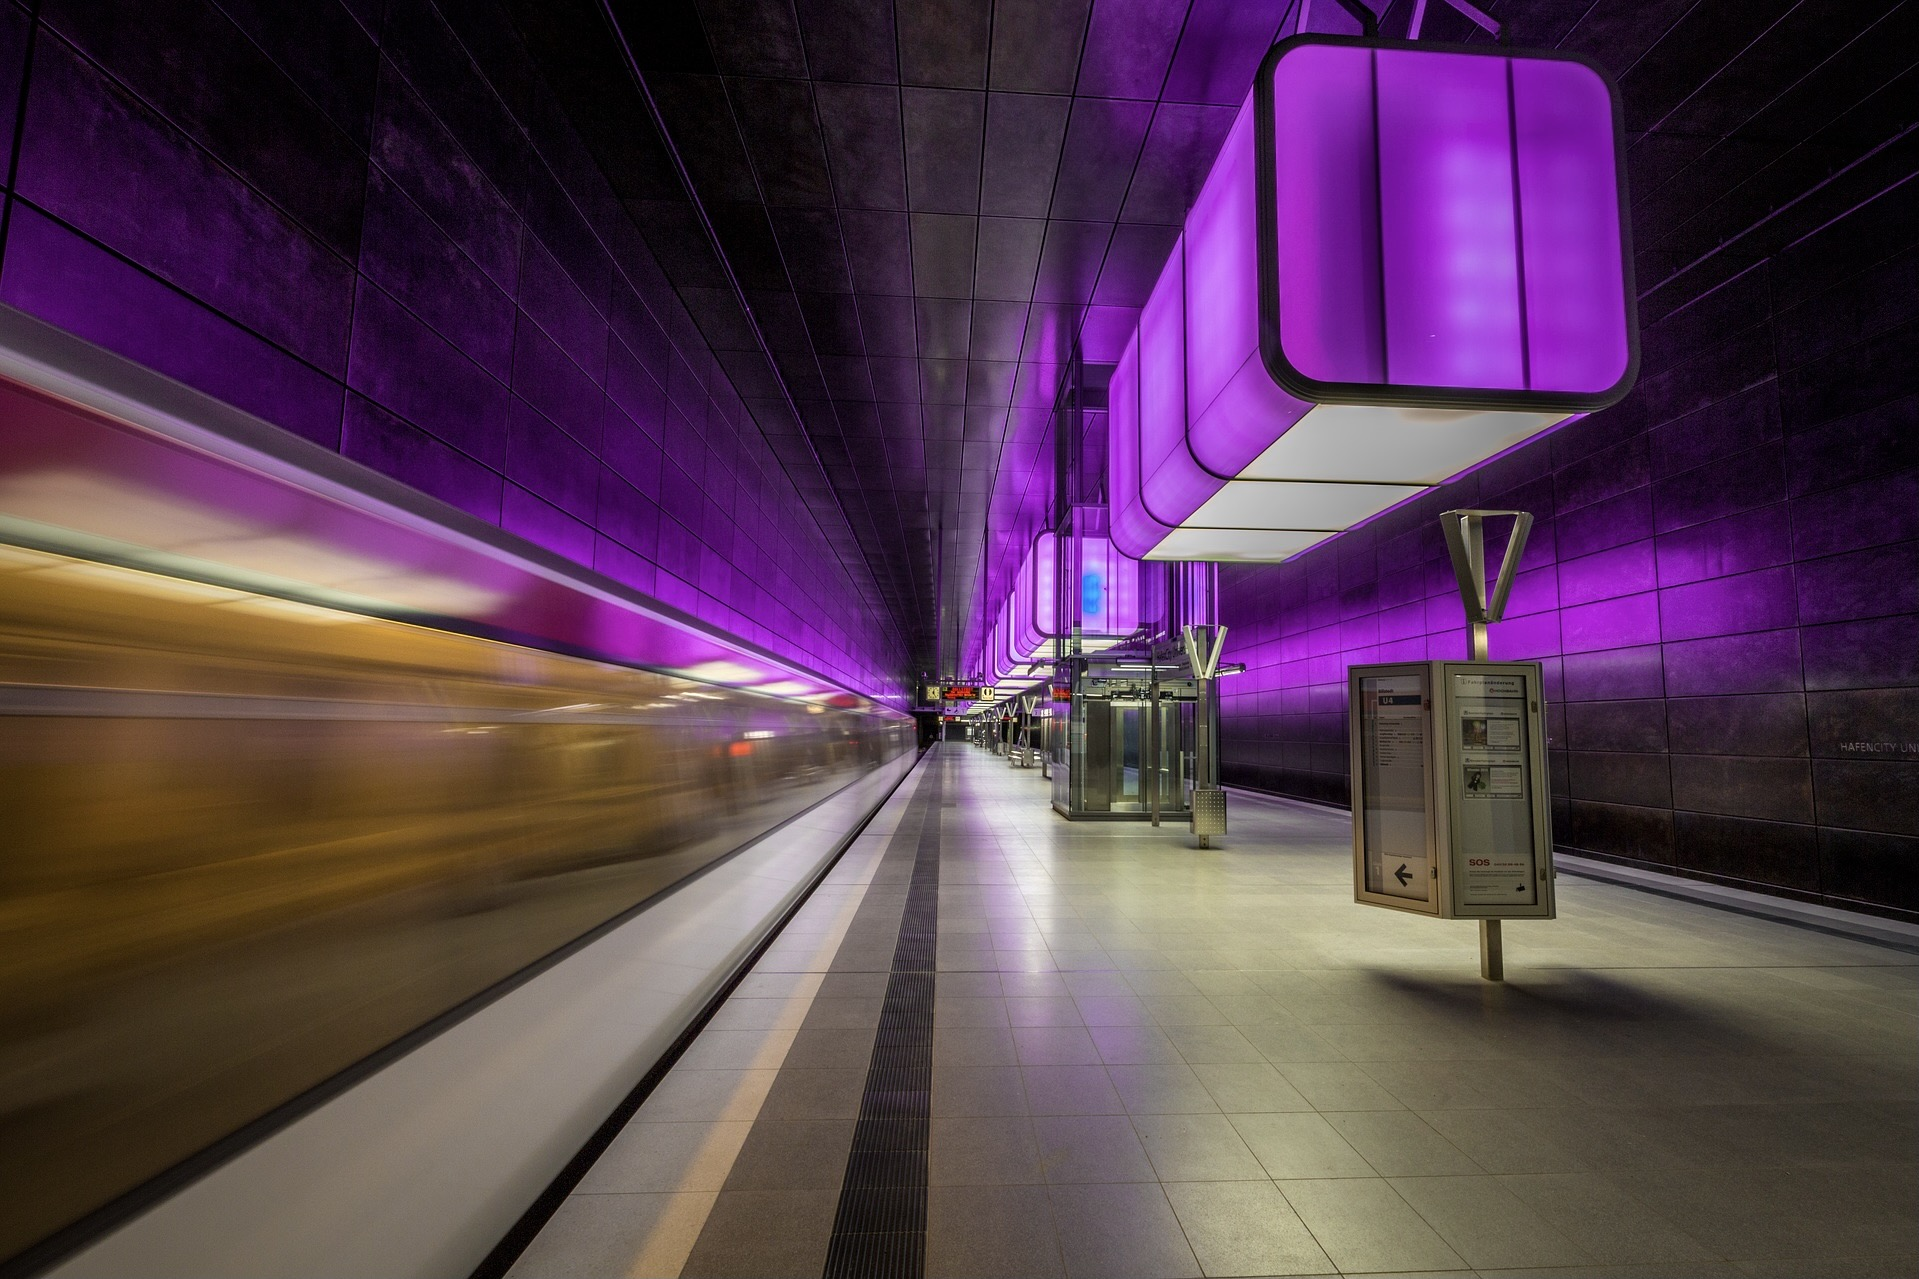 Die U-Bahn-Station Hafencity ist einer der wichtigsten Hamburg Insider Tipps für Architektur-Fans